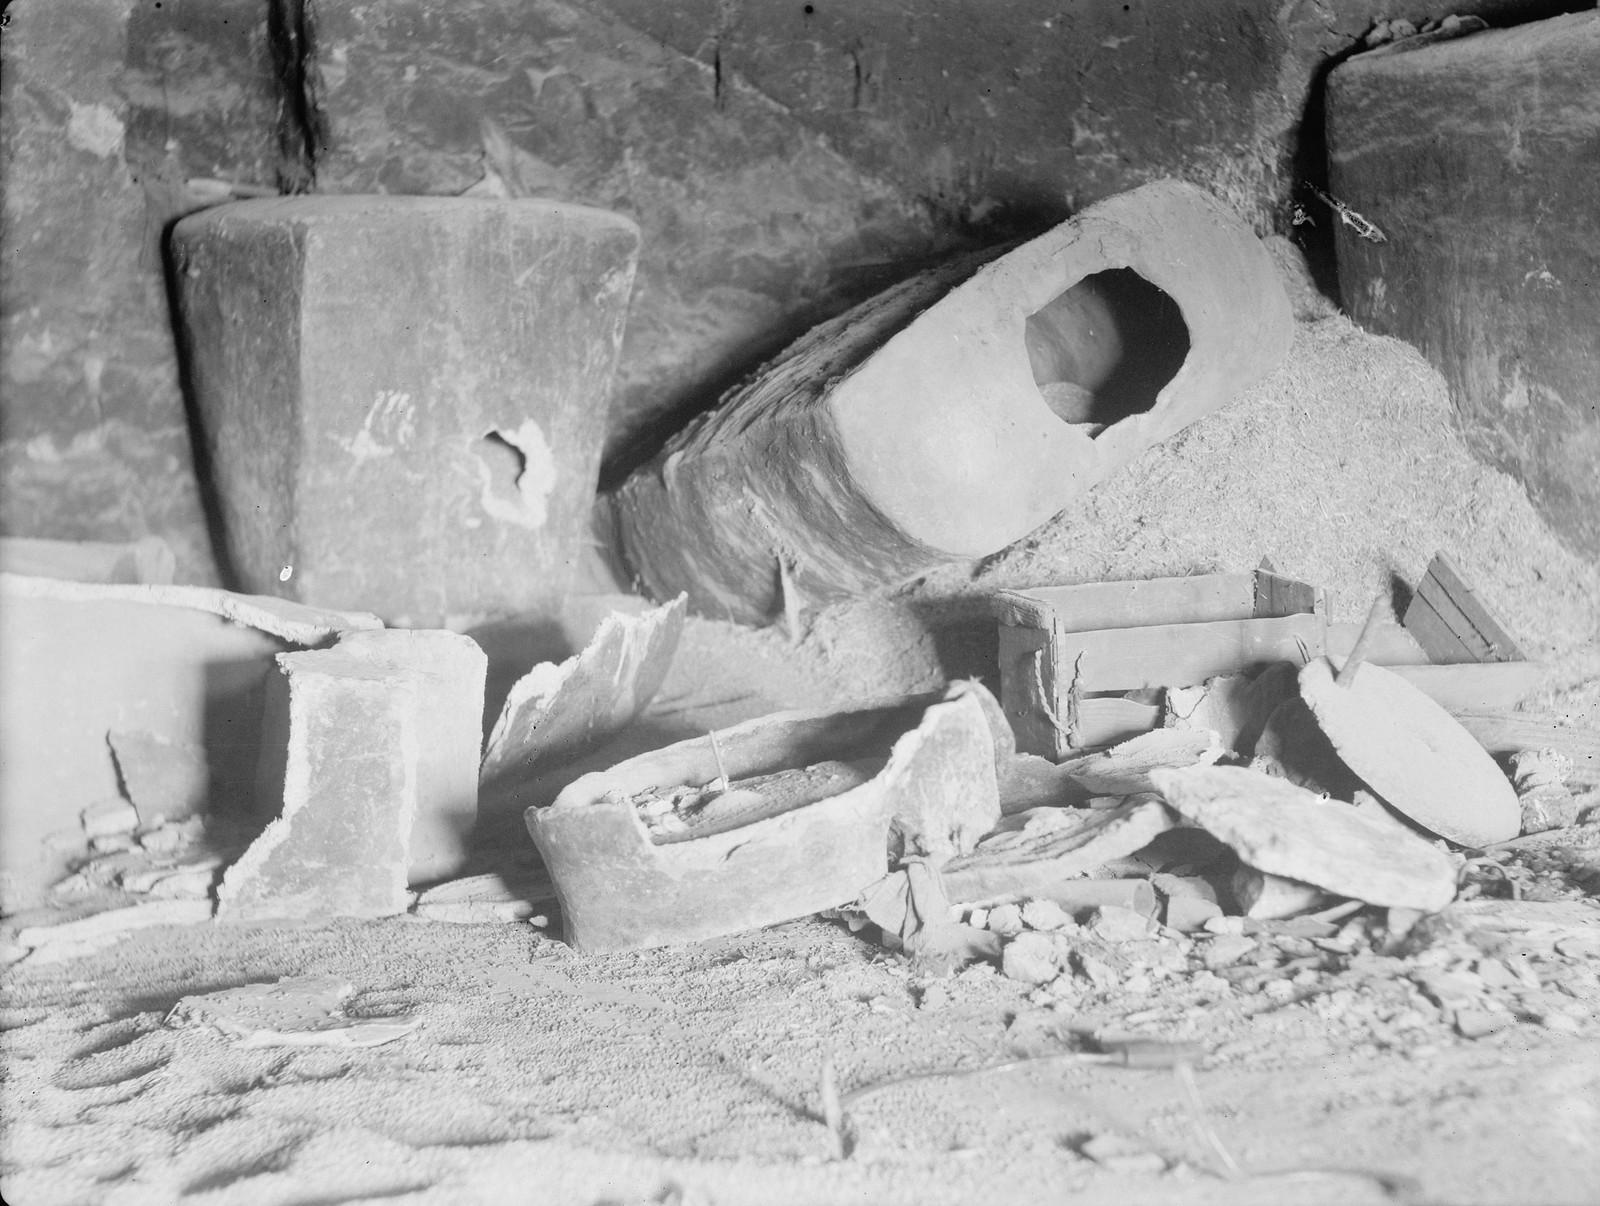 22. Британцы взорвали арабские дома в деревне Халхул близ Хеврона. Это было проделано в рамках операции по изъятию оружия